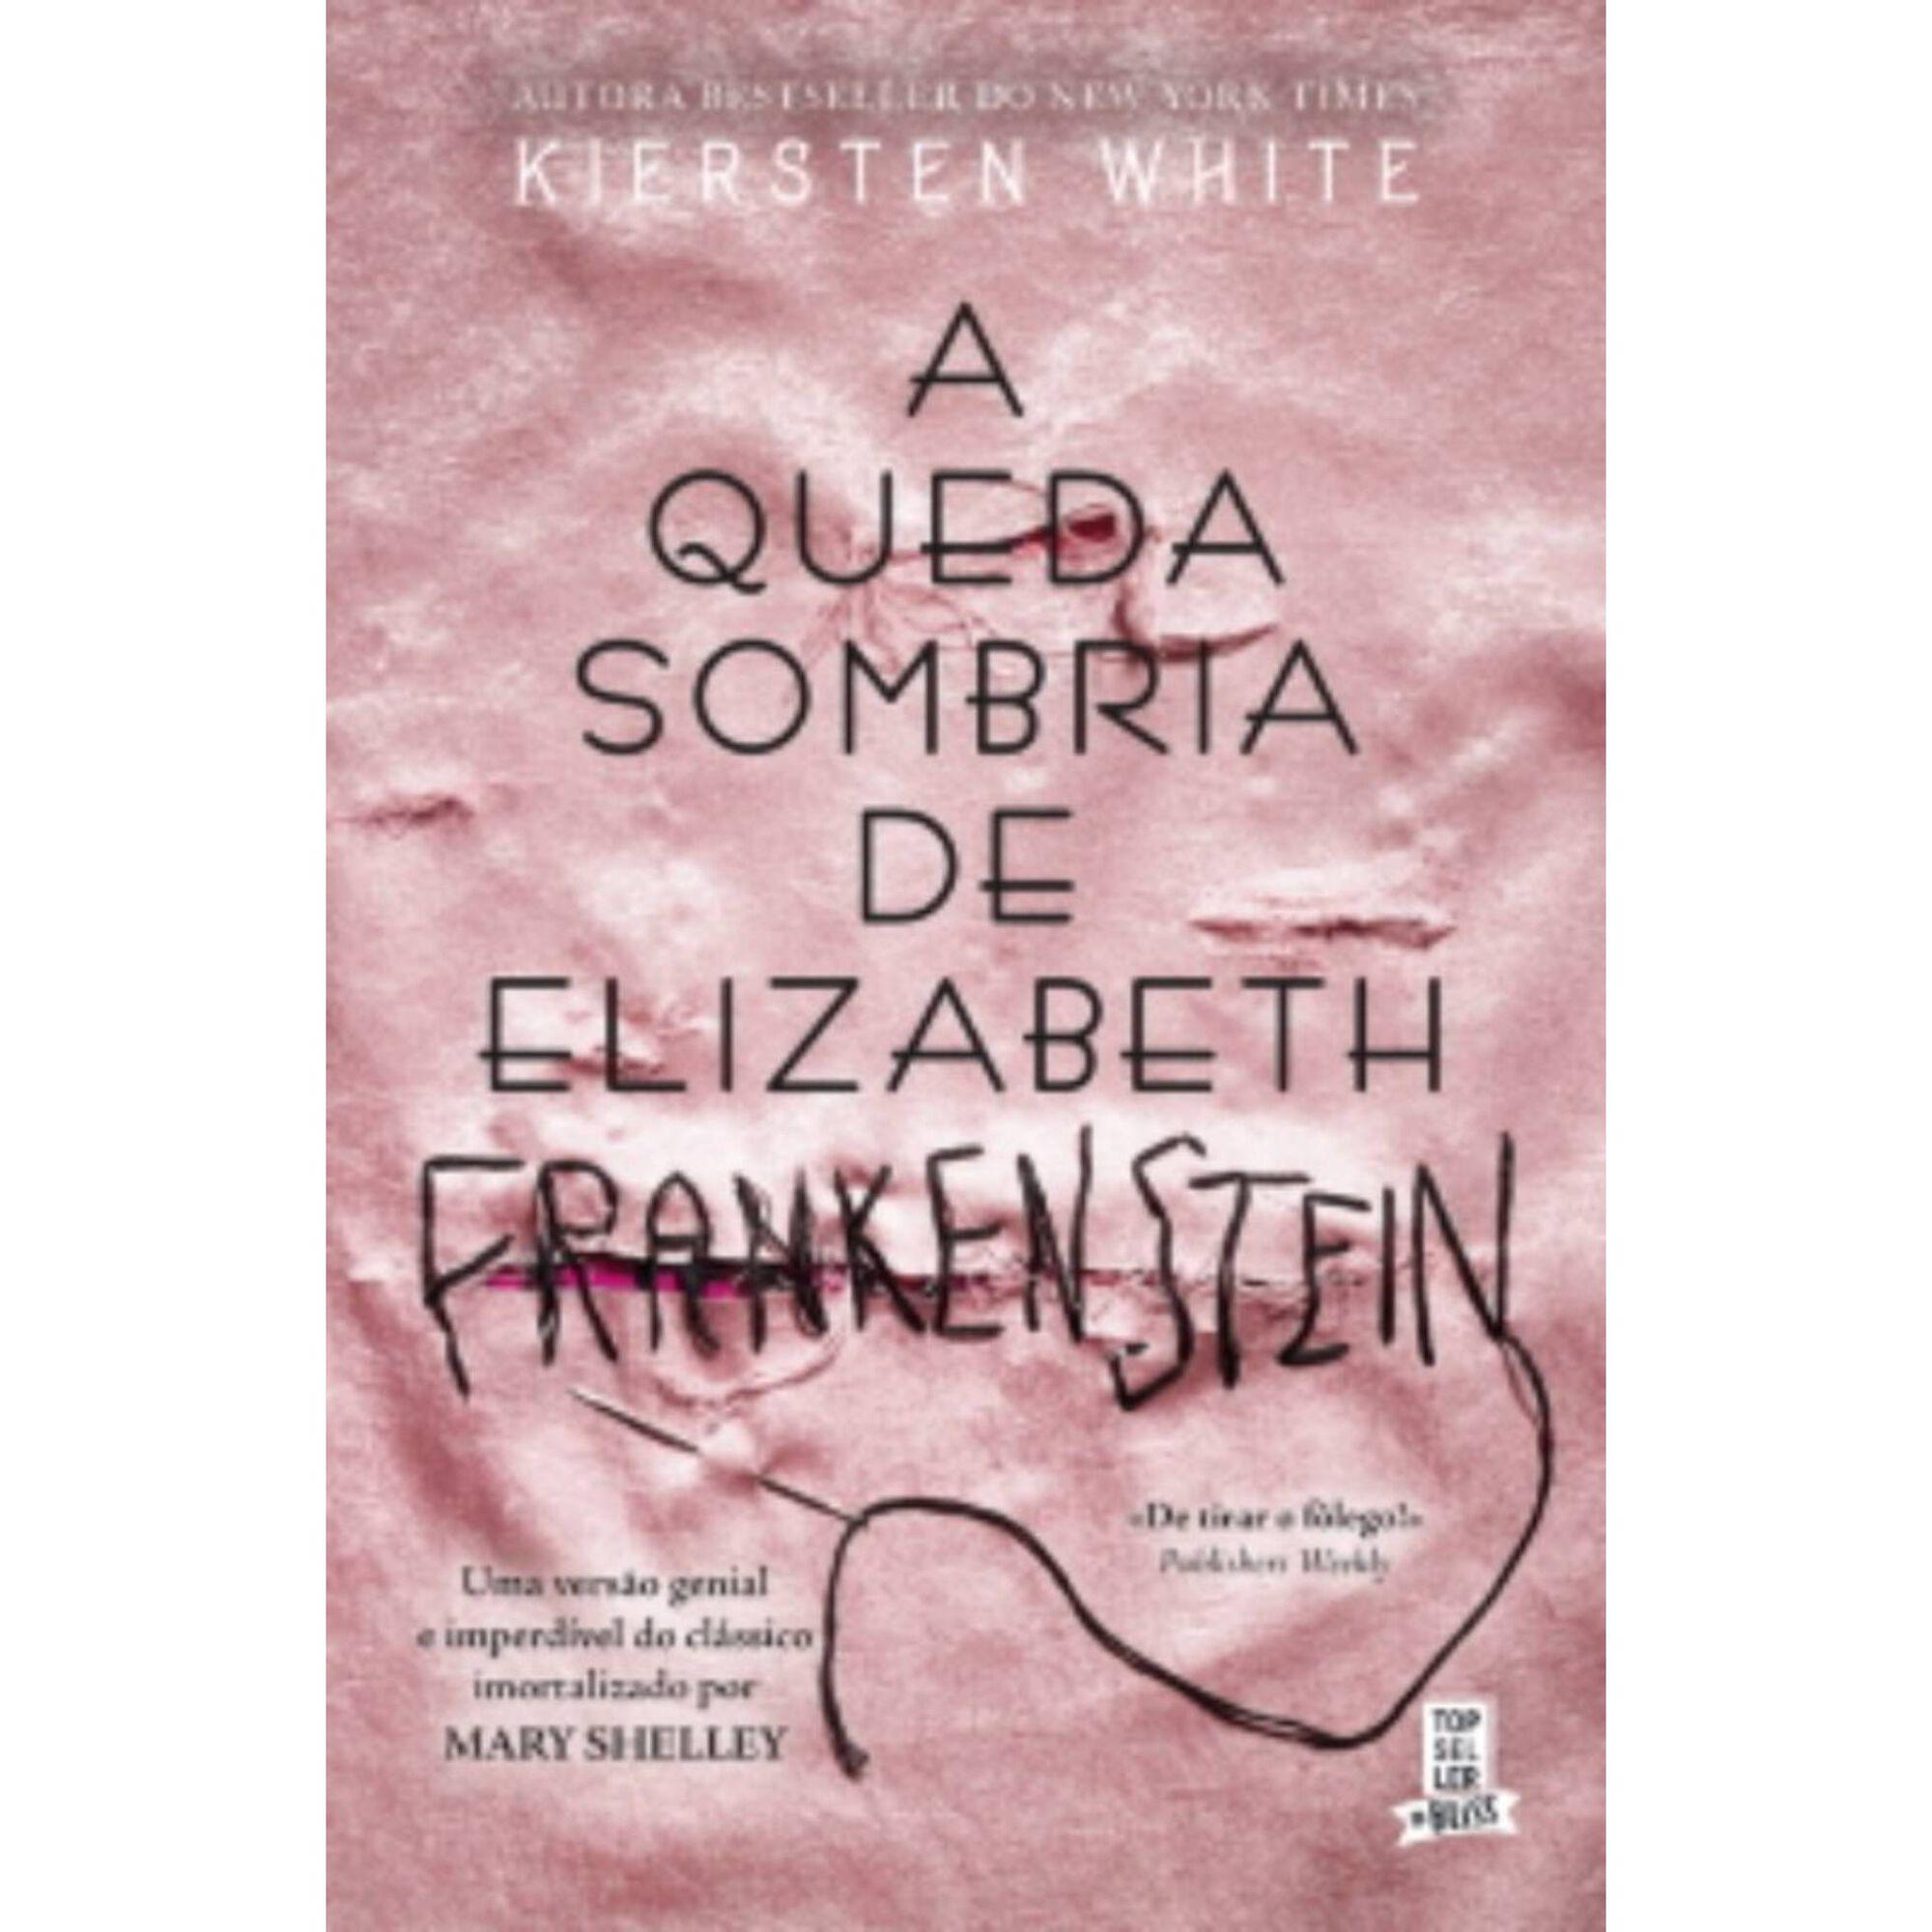 A Queda Sombria de Elizabeth Frankenstein